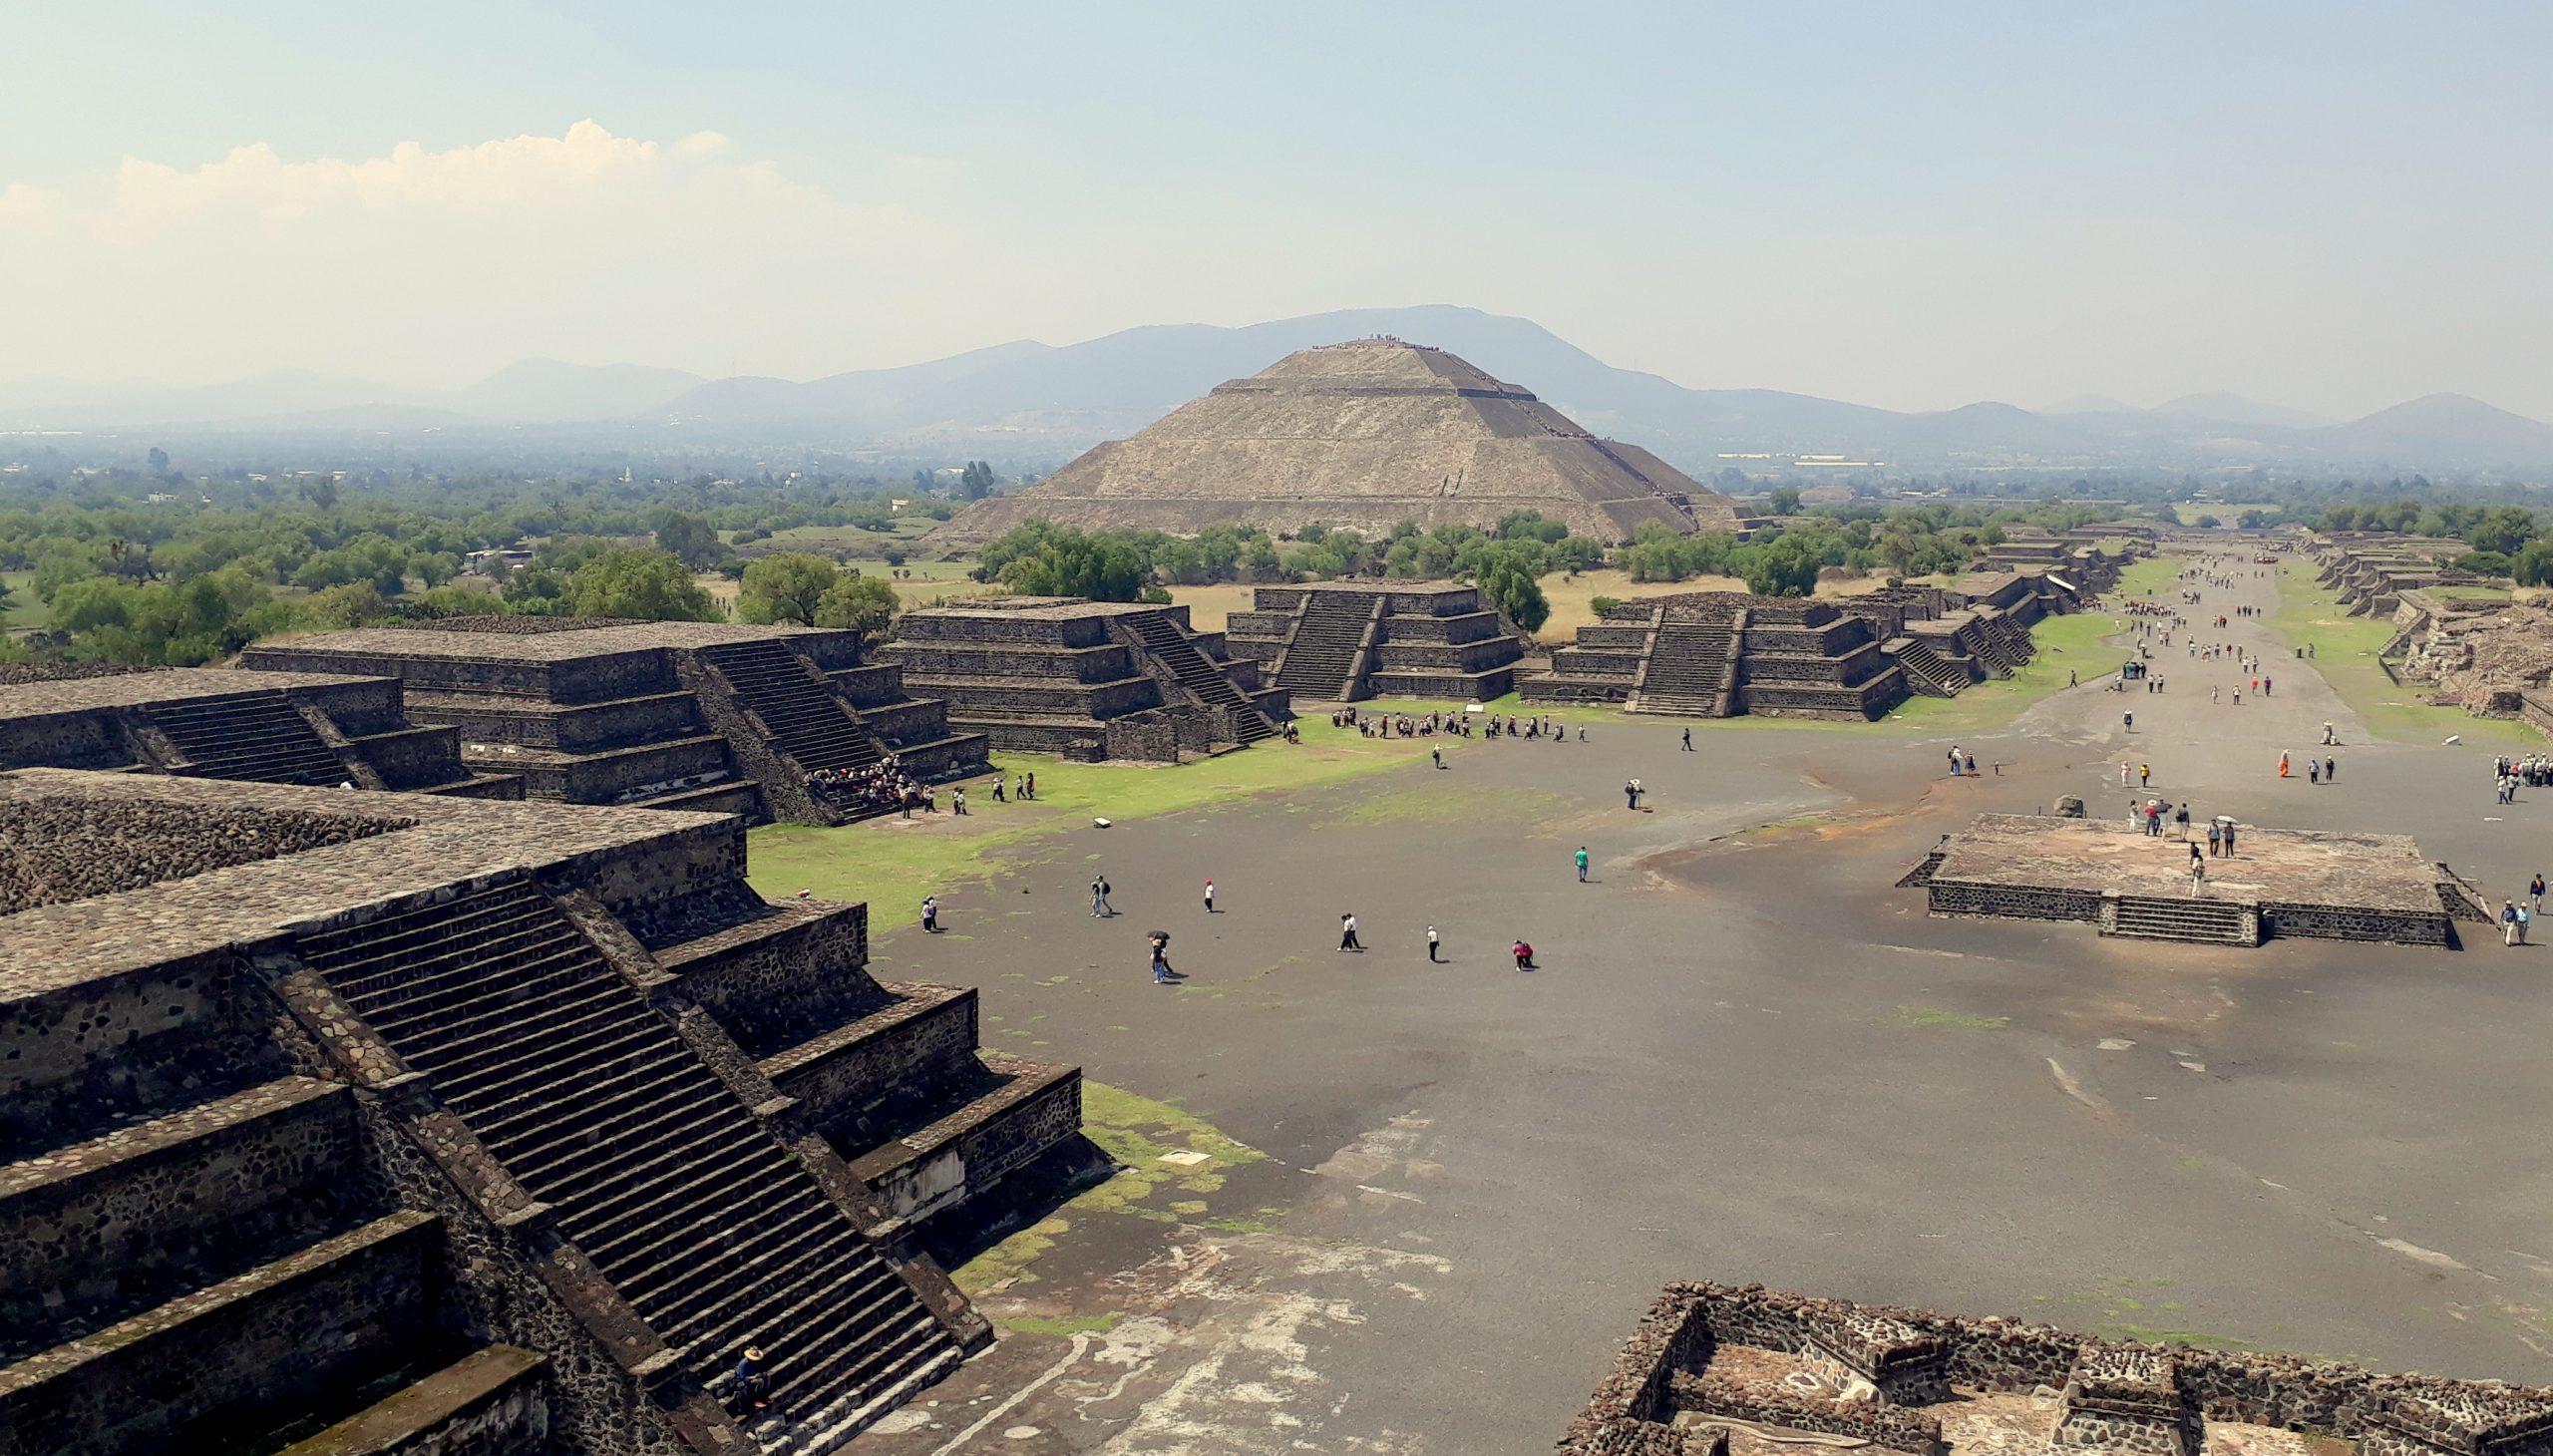 Die schönsten Reiseziele in Mexiko: Teotihuacan